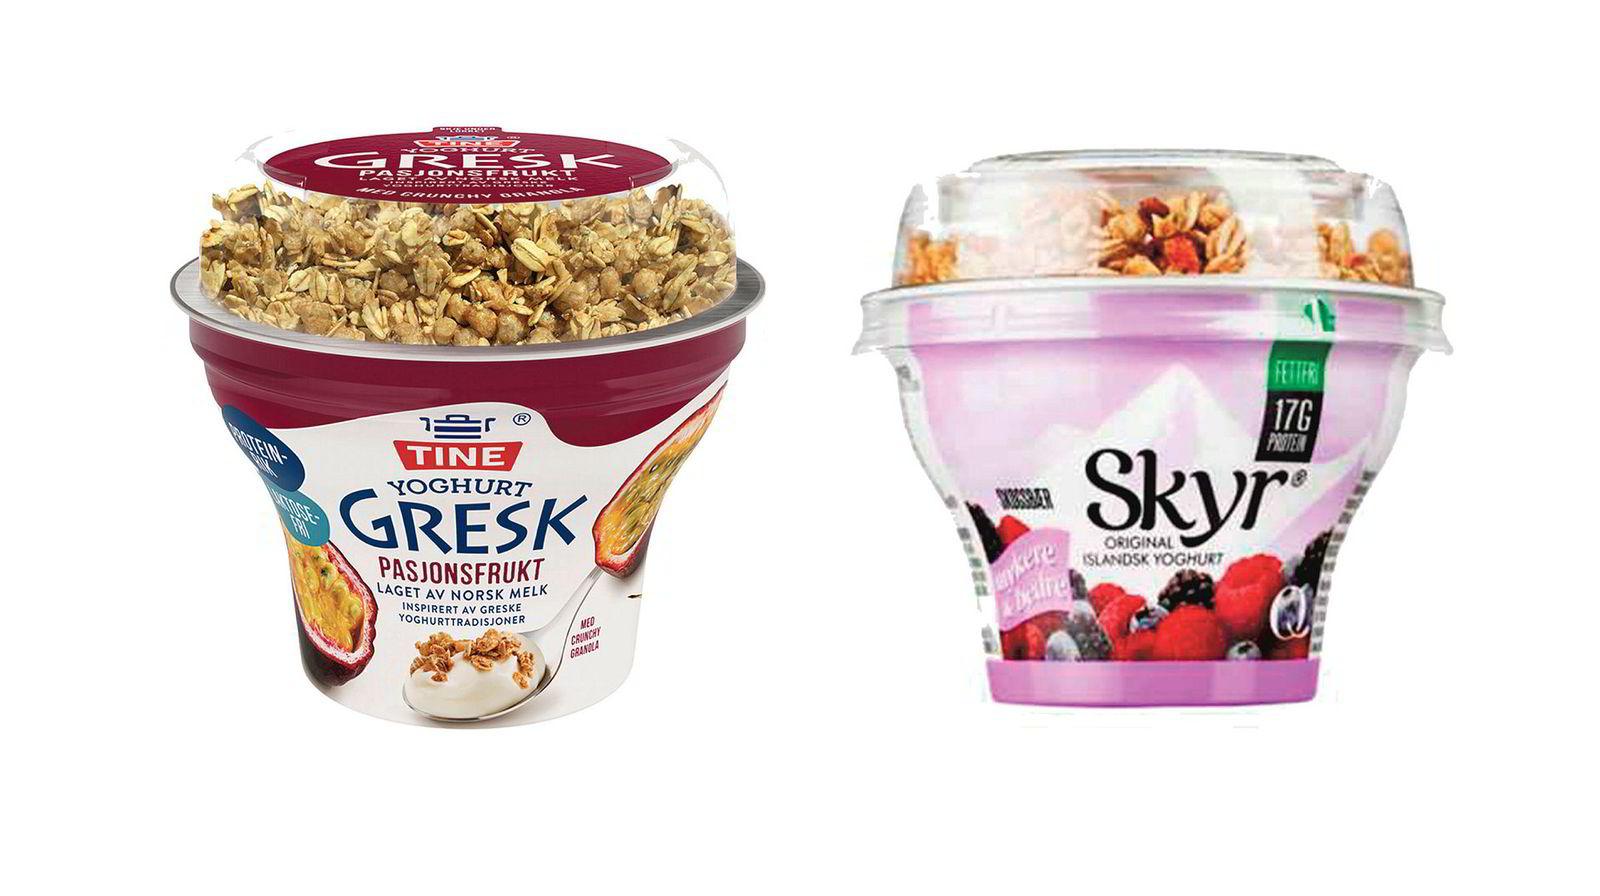 Kopiering? Slik fremstår de to produktene som Q-Meieriene (Skyr) og Tine (gresk yoghurt) nå krangler om.